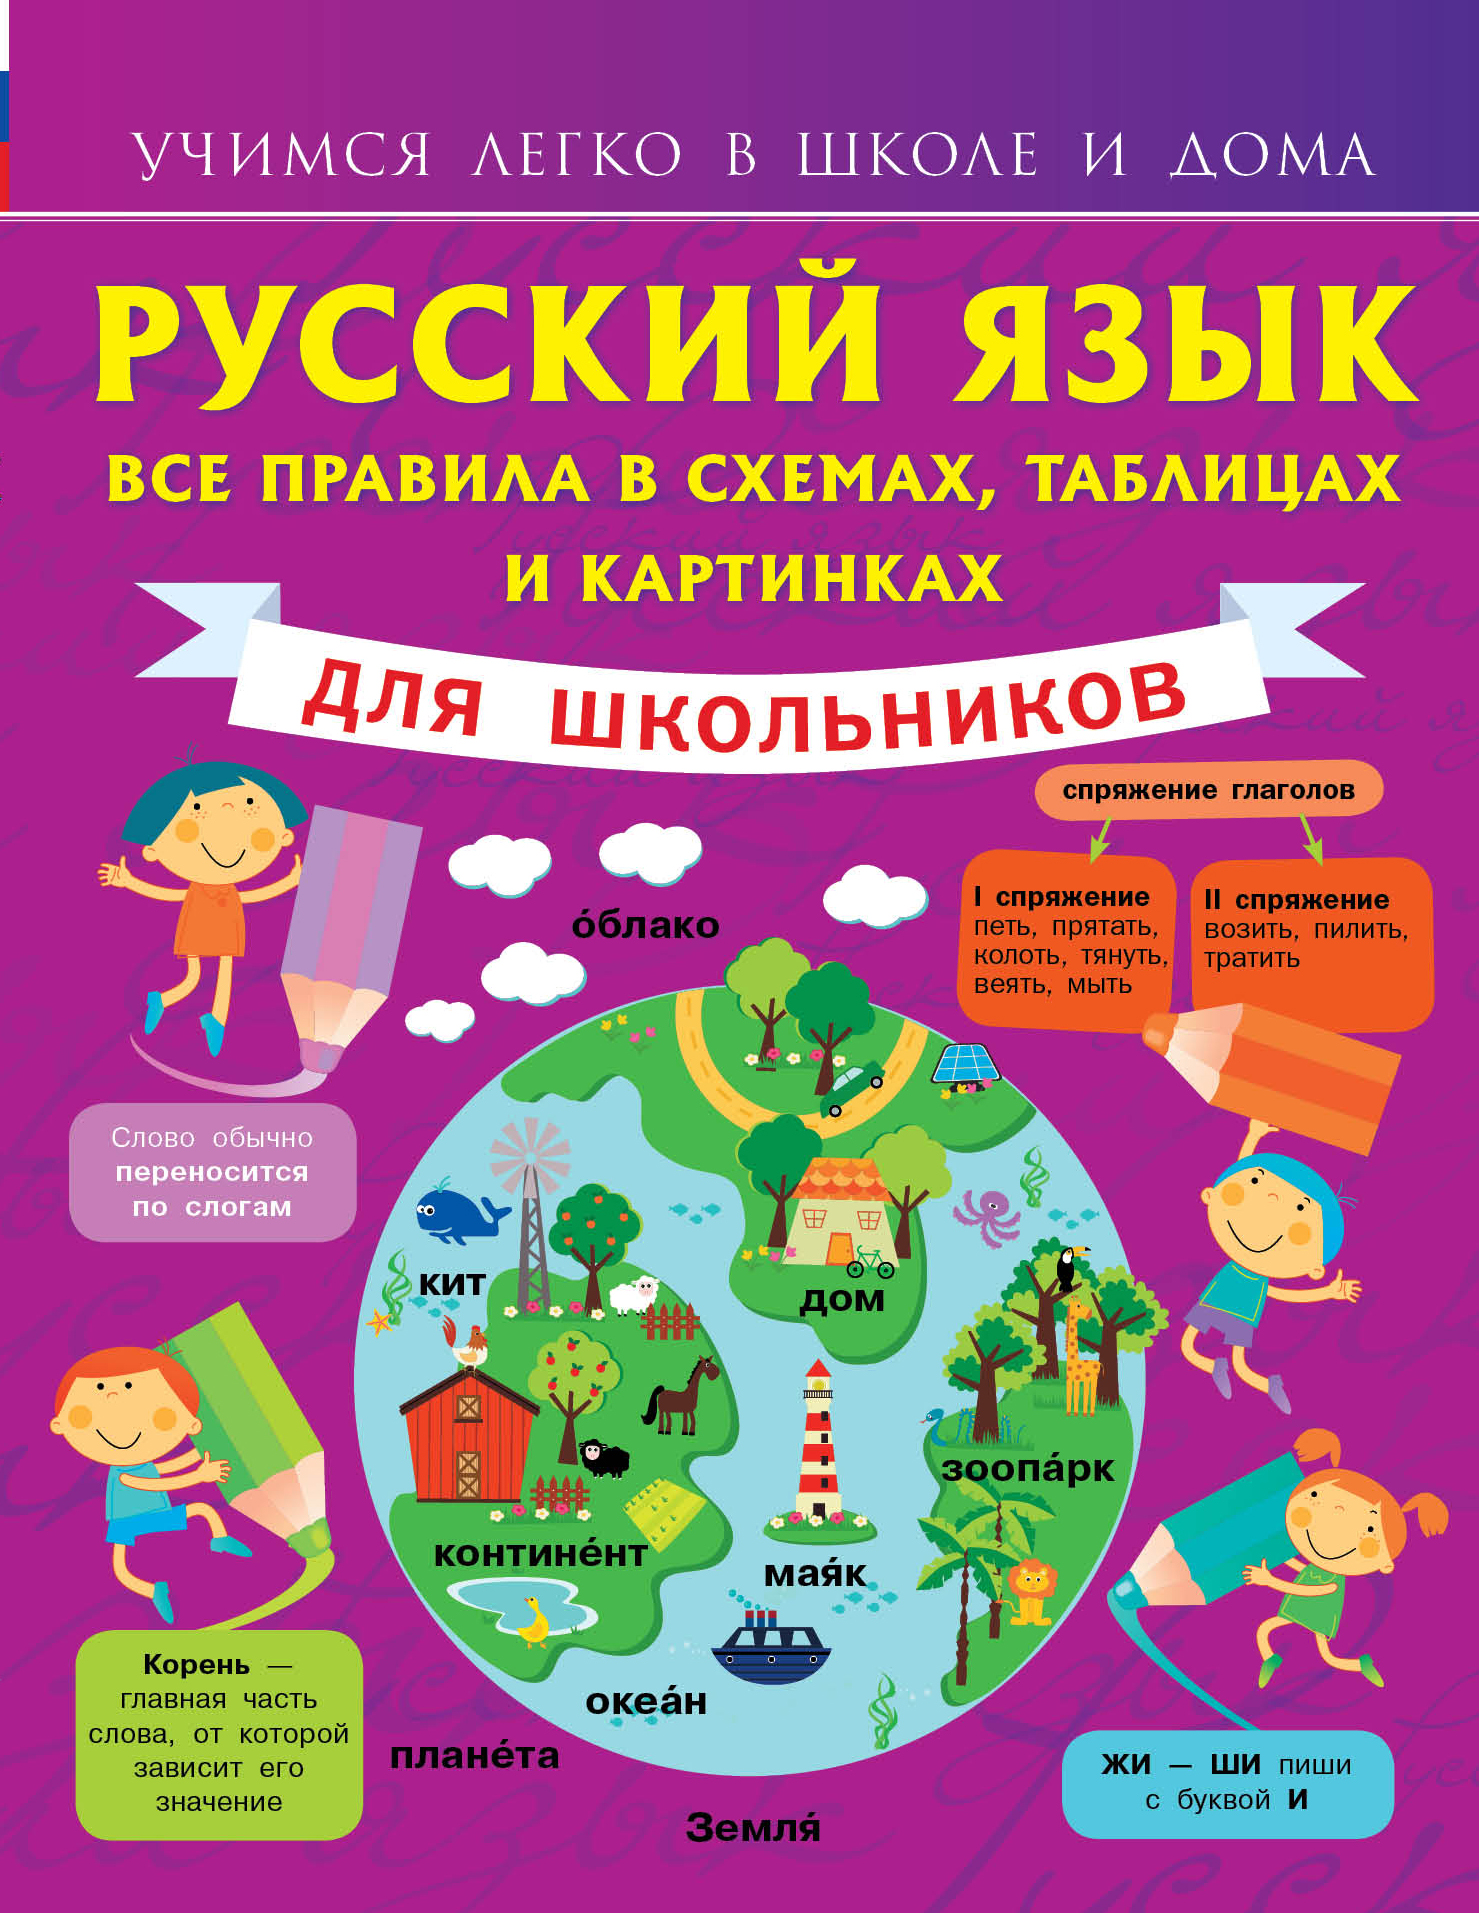 Русский язык. Все правила в схемах, таблицах и картинках